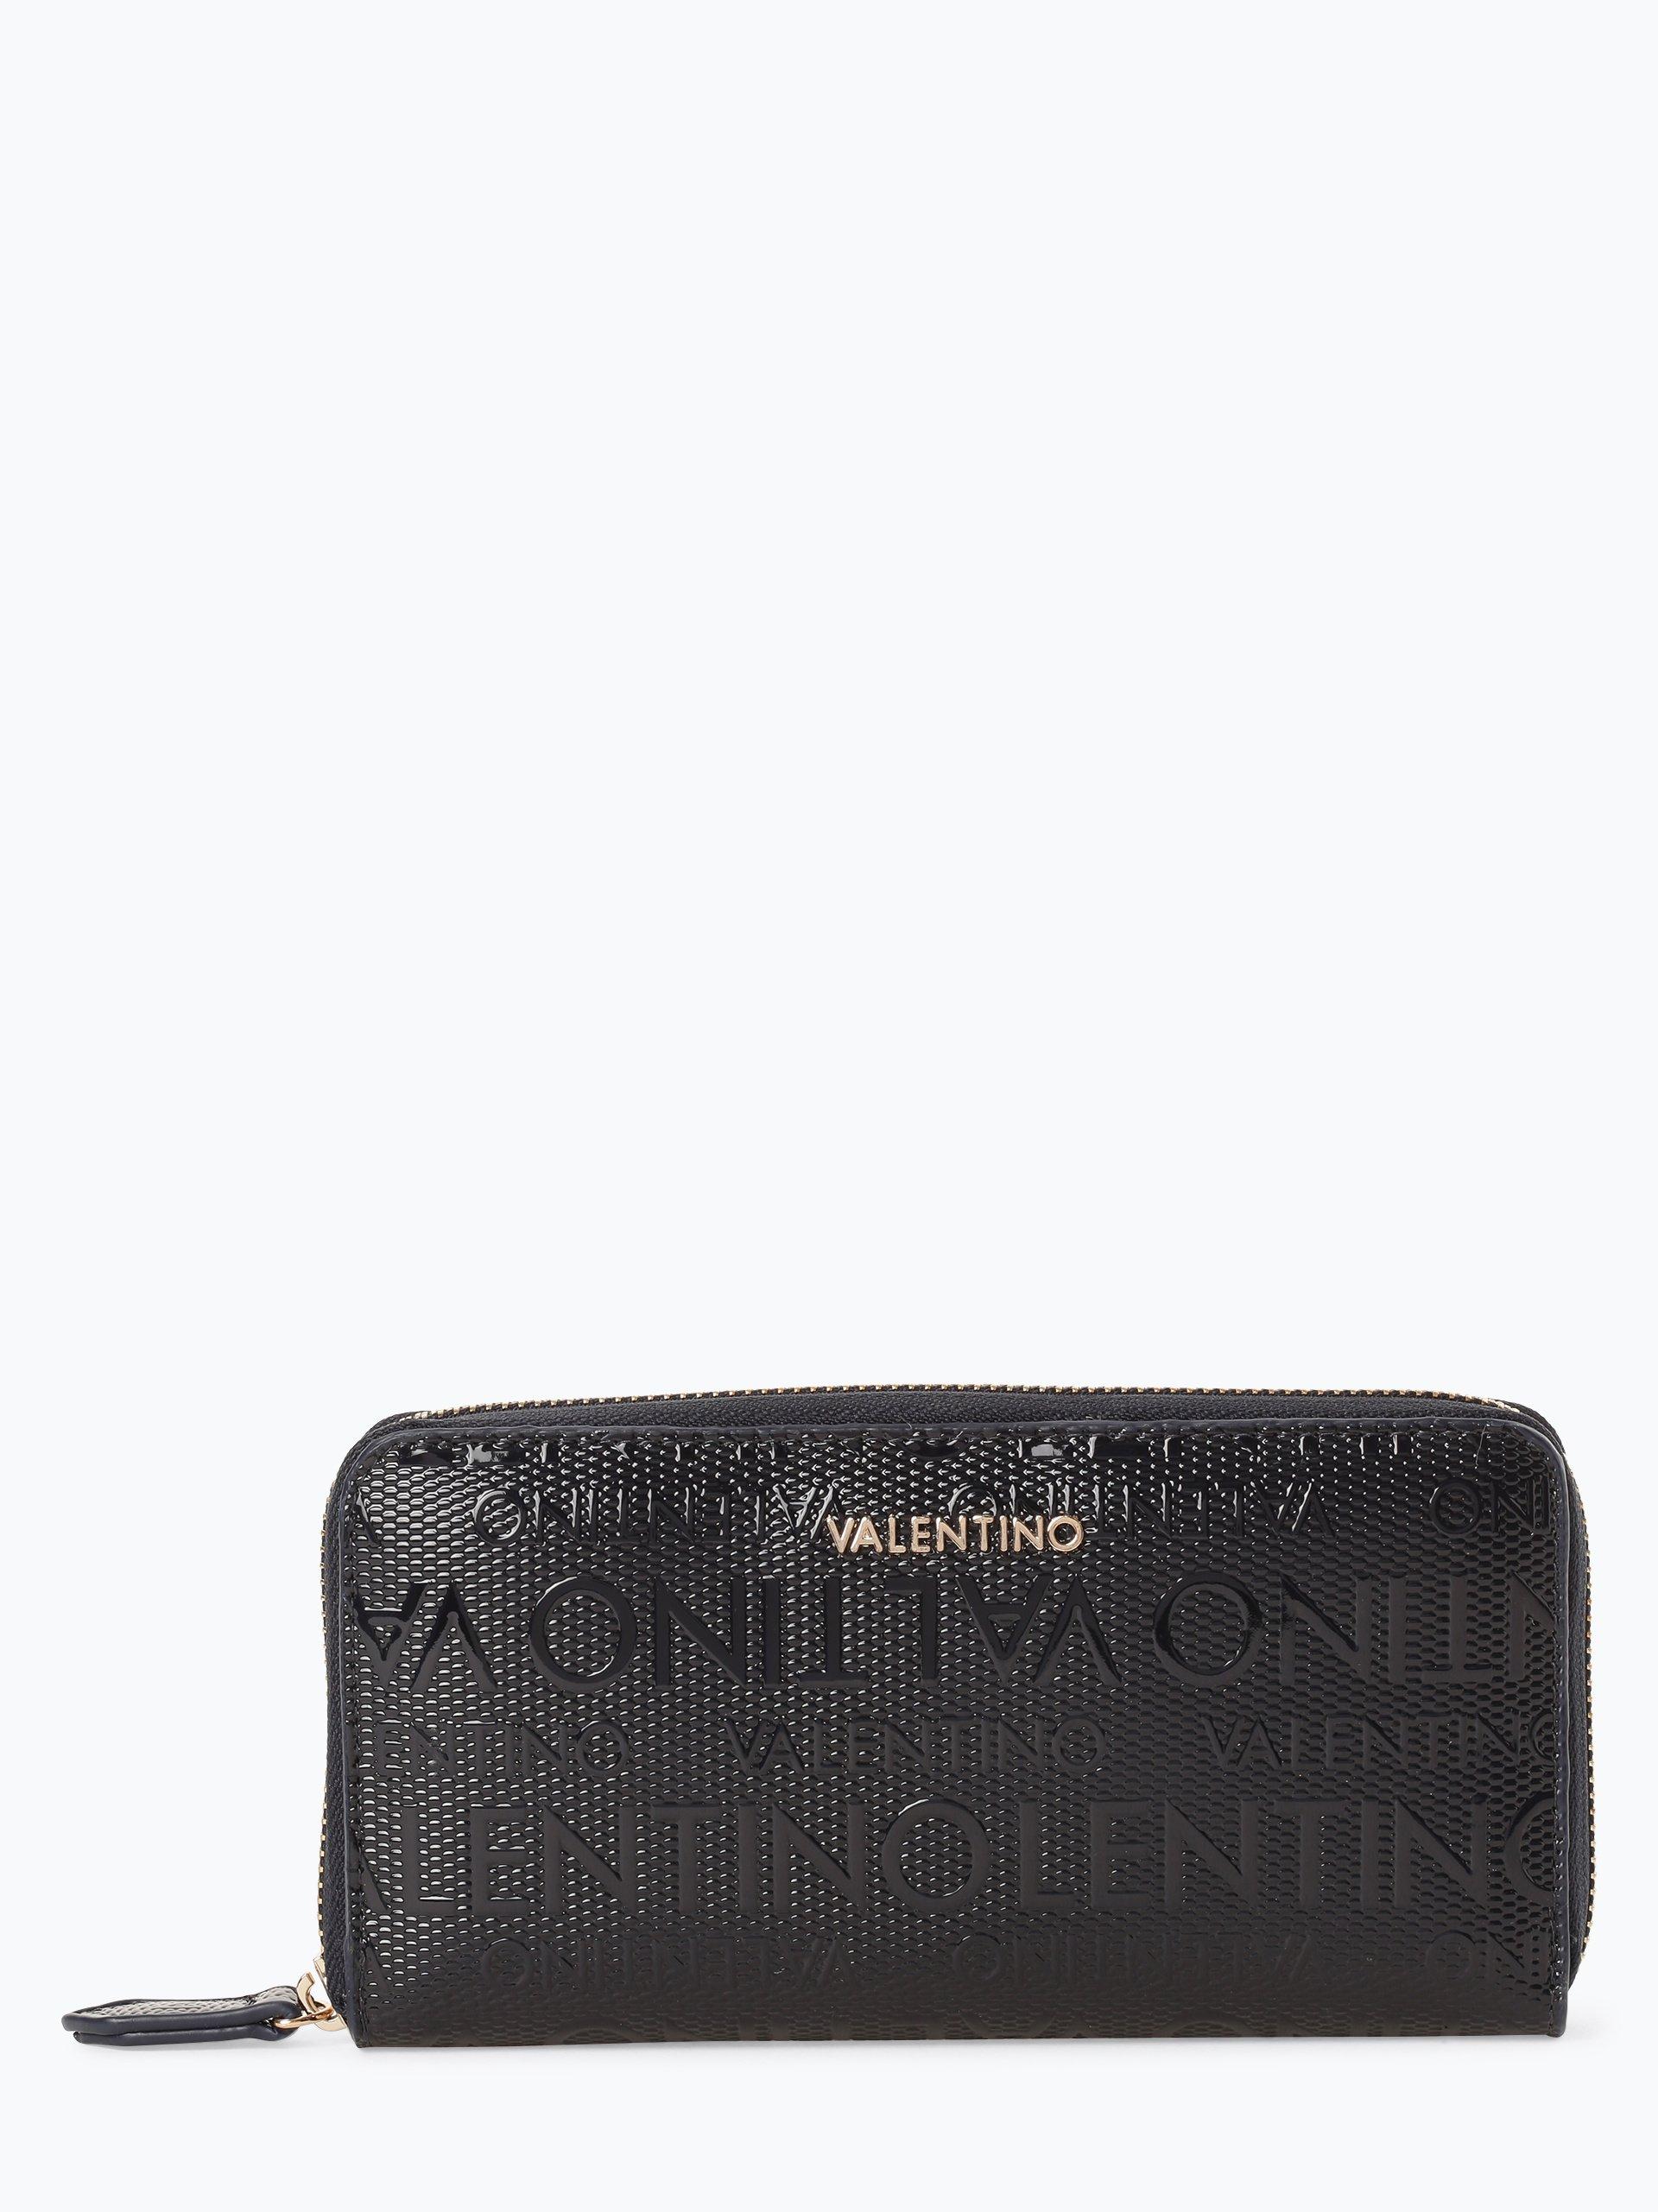 Valentino Damen Geldbörse - Serenity